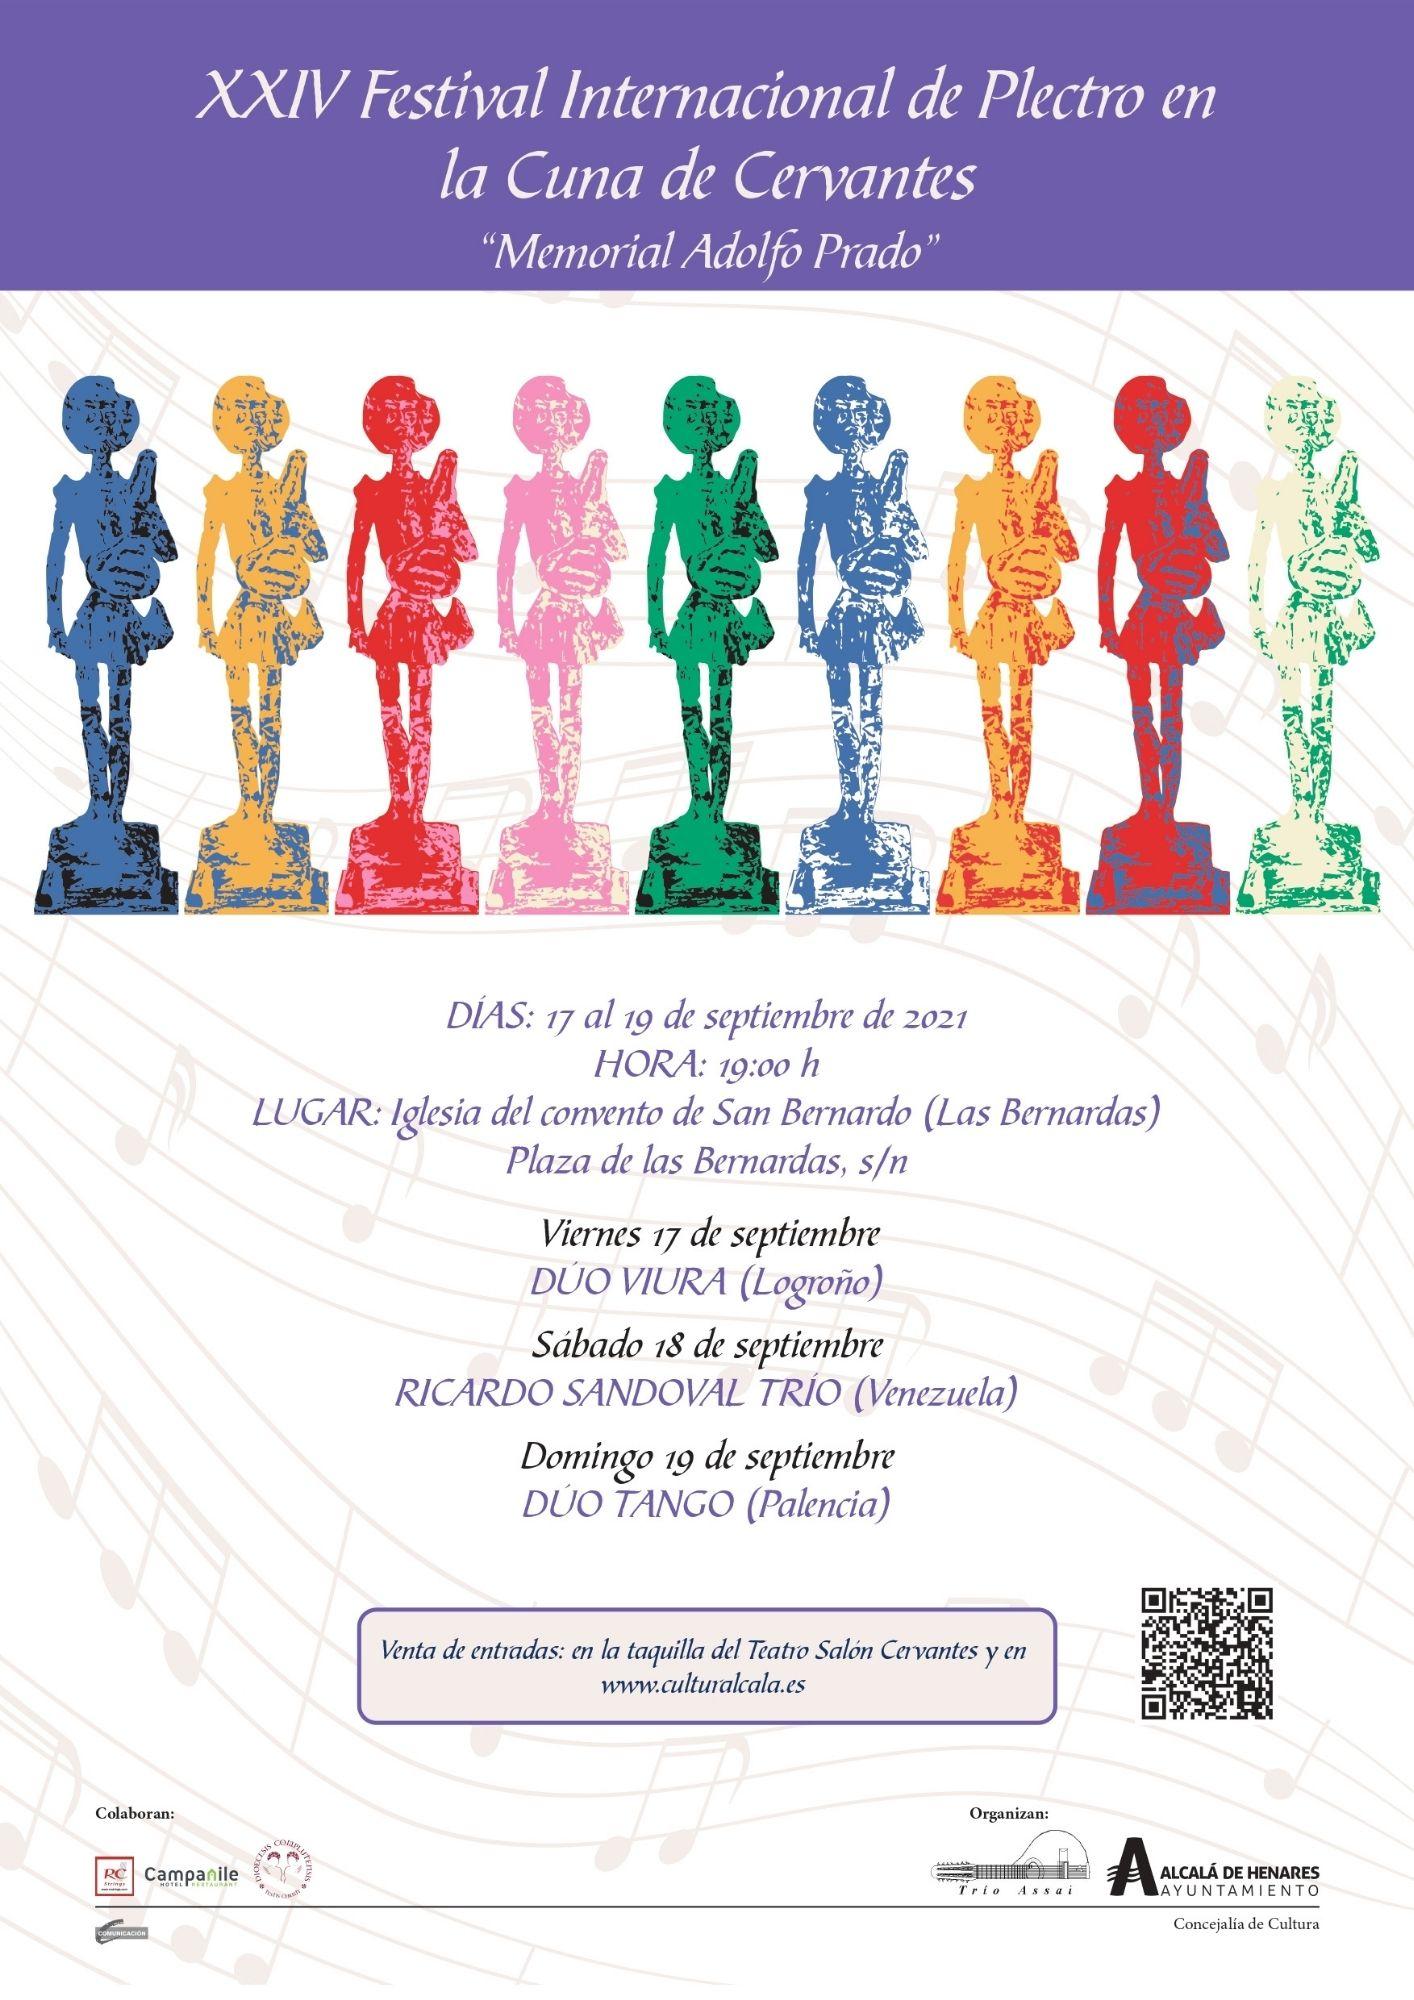 XXIV Festival Internacional de Plectro